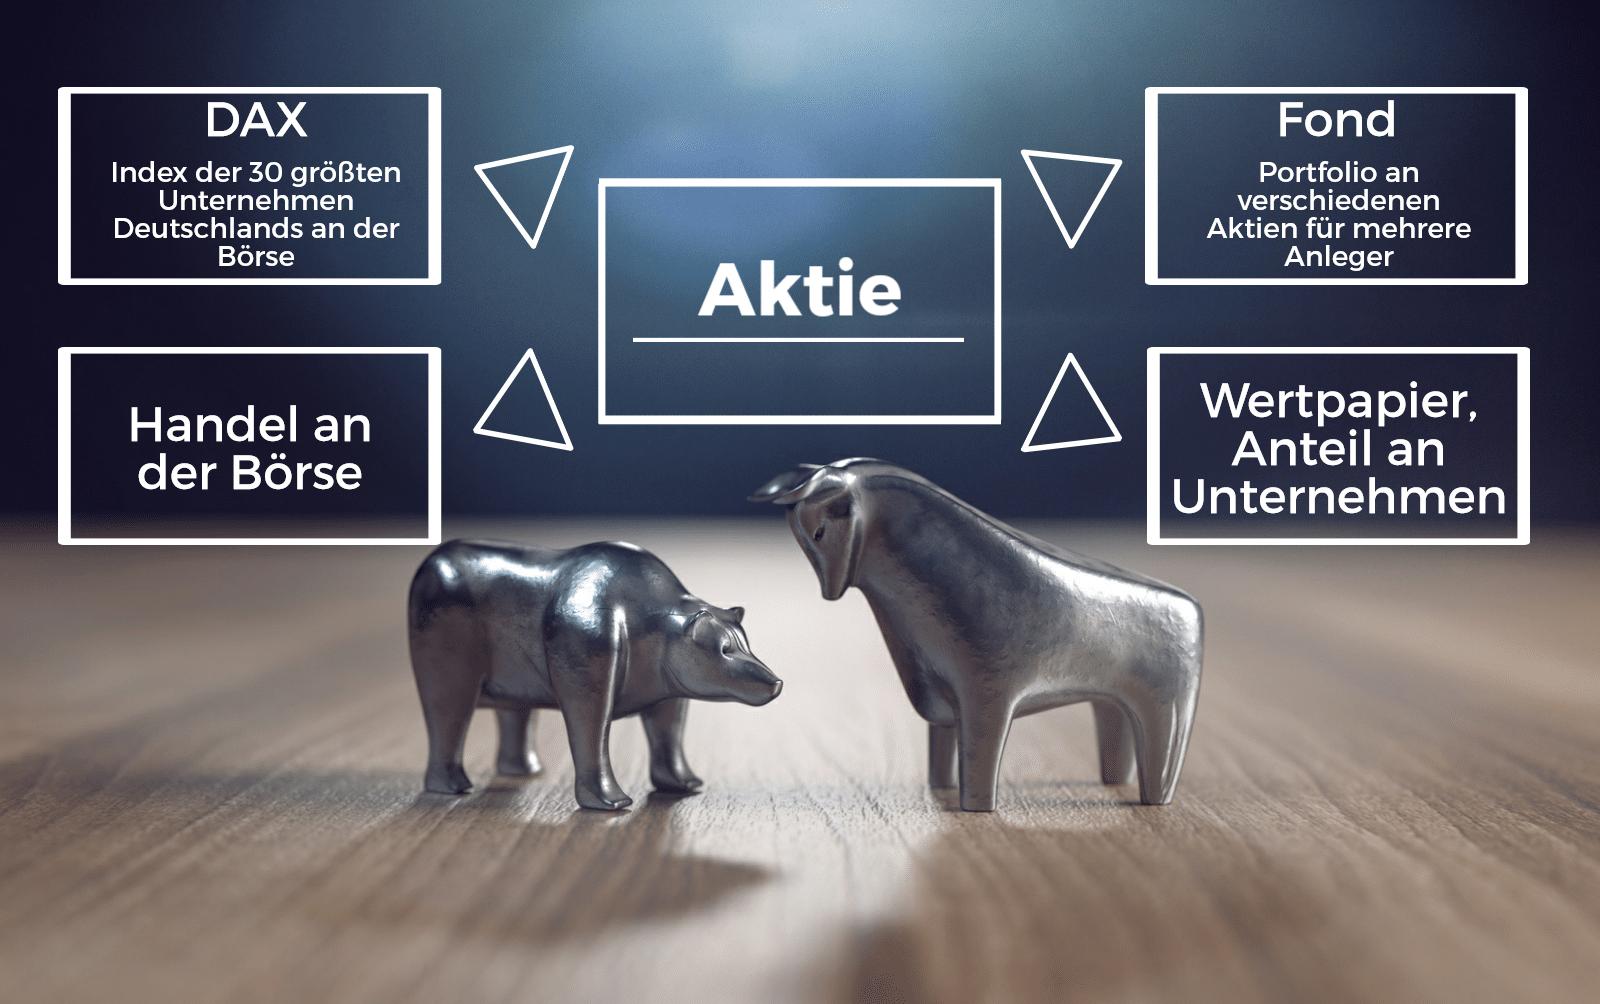 Die Börse und Wertpapiere